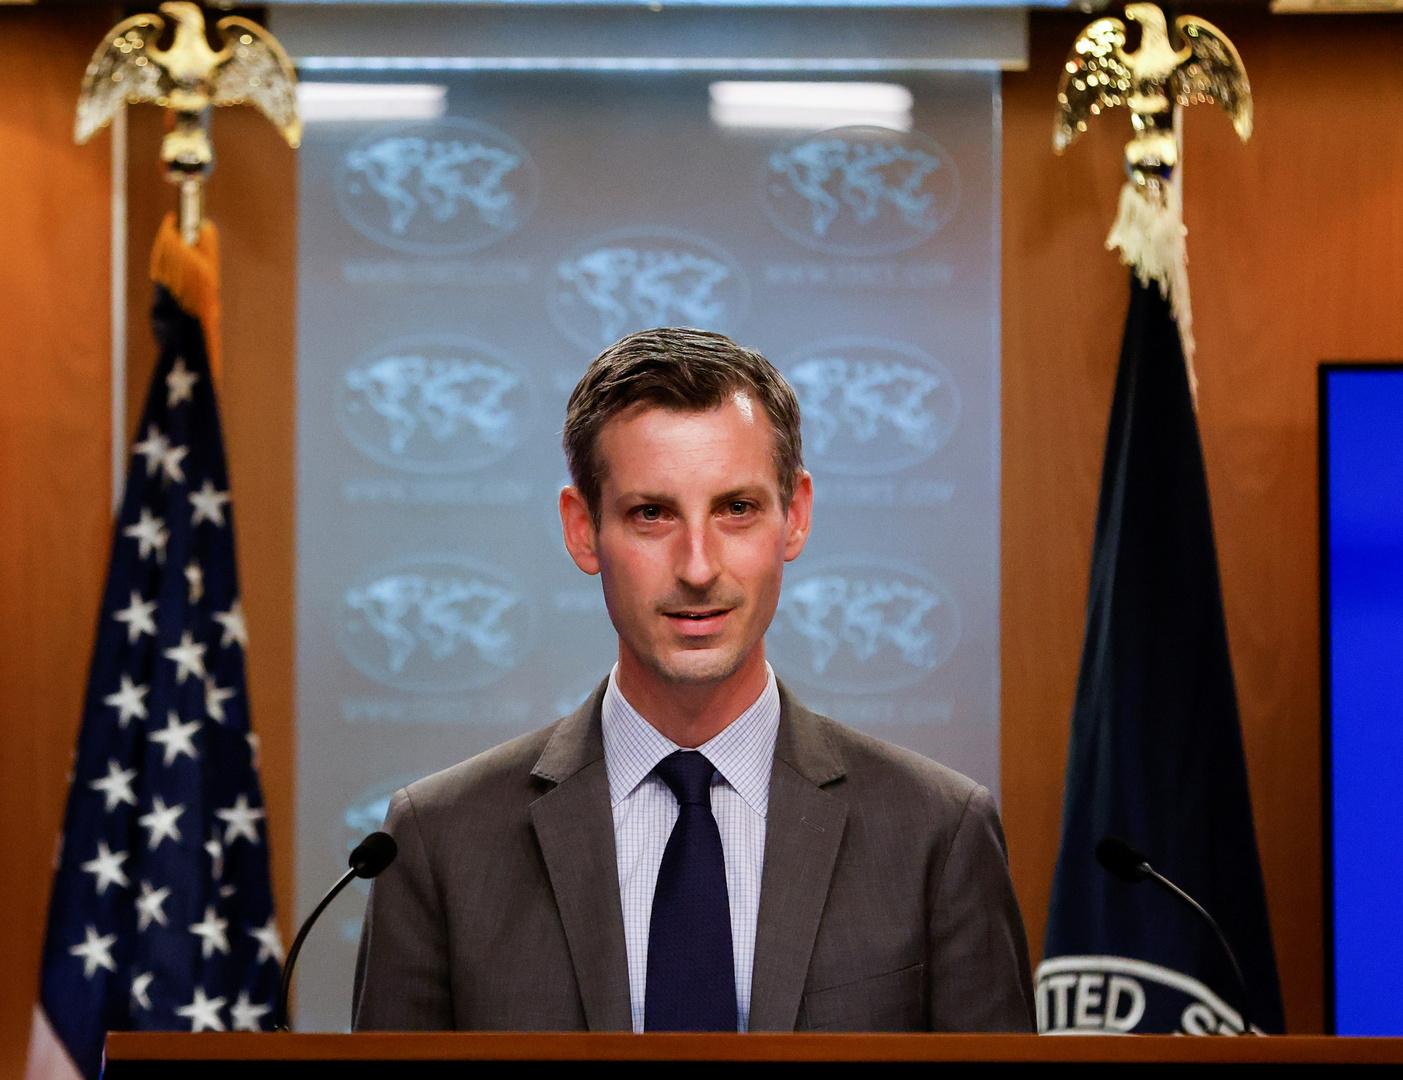 المتحدث باسم وزراة الخارجية الامريكية نيد برايس